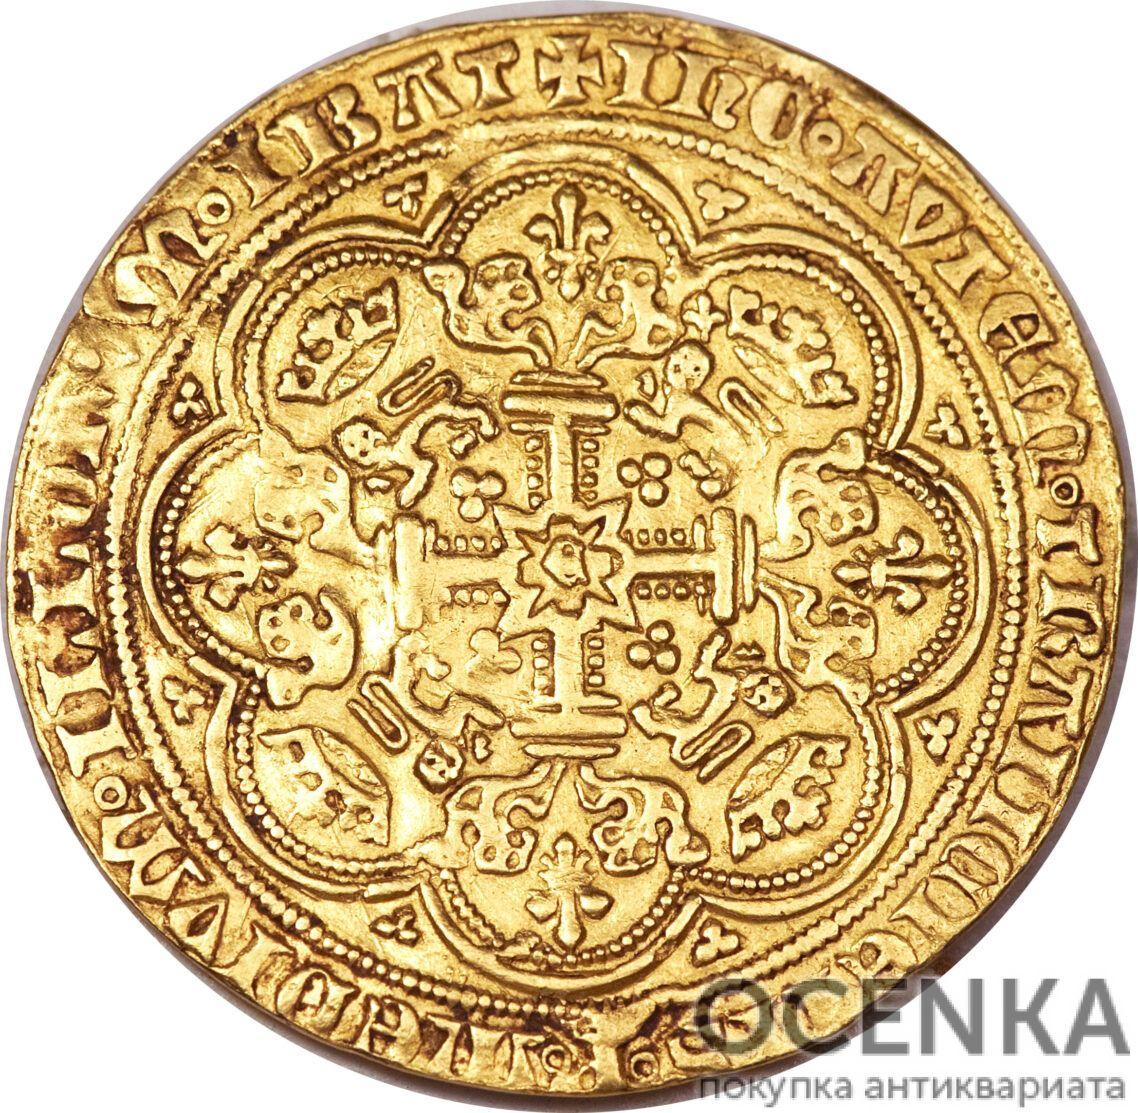 Золотая монета 1 Noble (нобль) Великобритания - 1